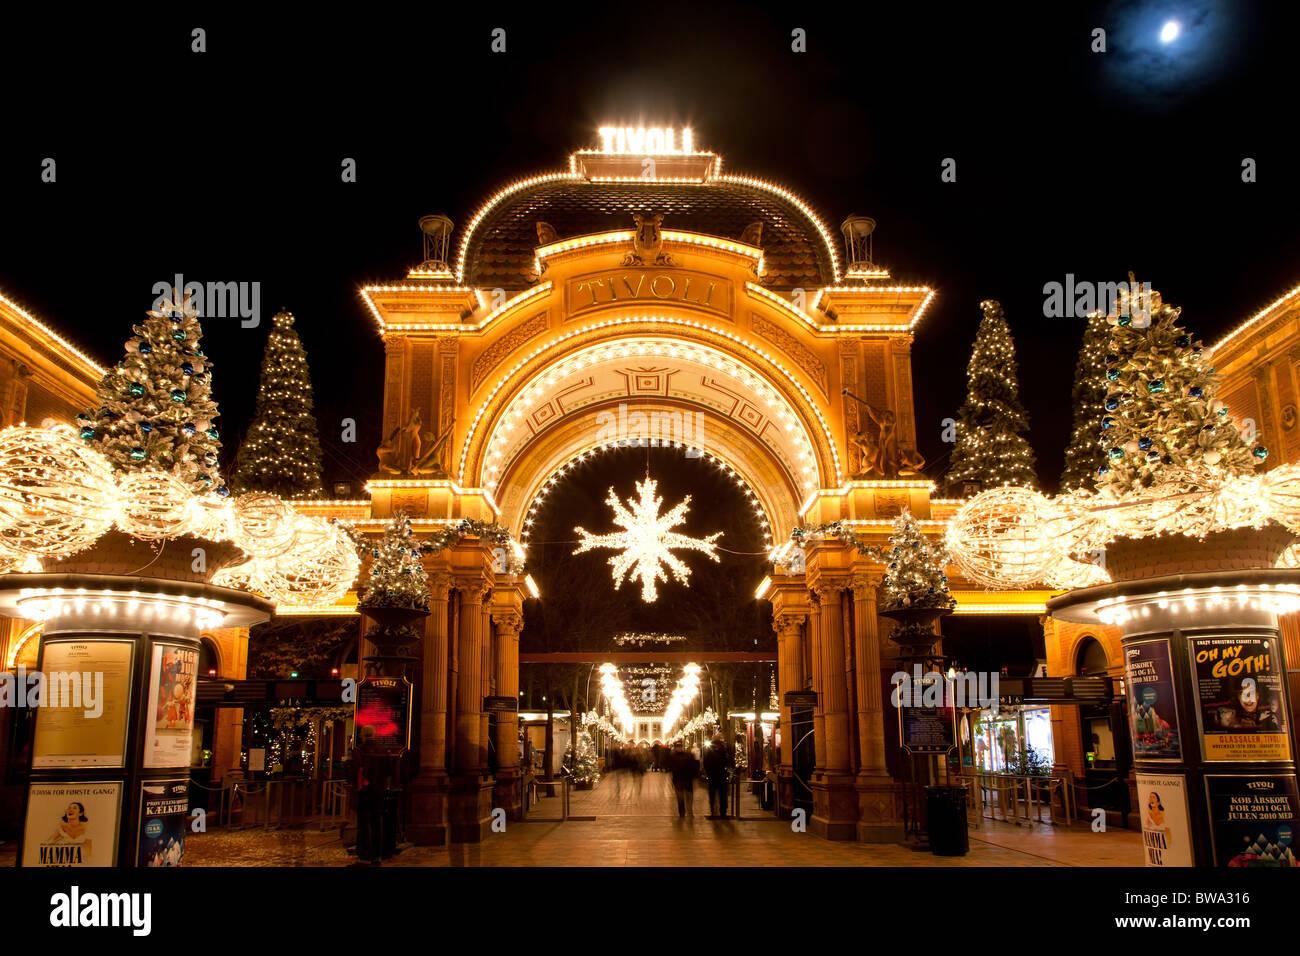 The main entrance to romatic christmas in Tivoli Copenhagen - Stock Image